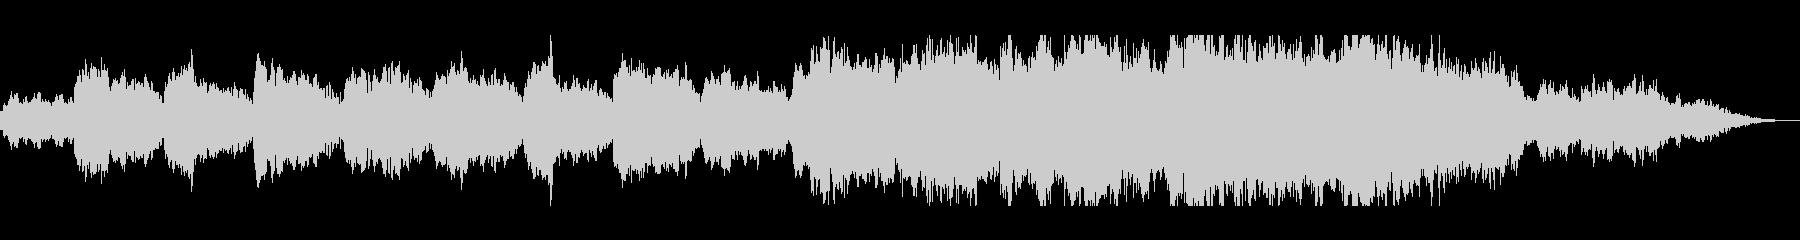 ゆったり不思議なビオラのヒーリングの曲の未再生の波形